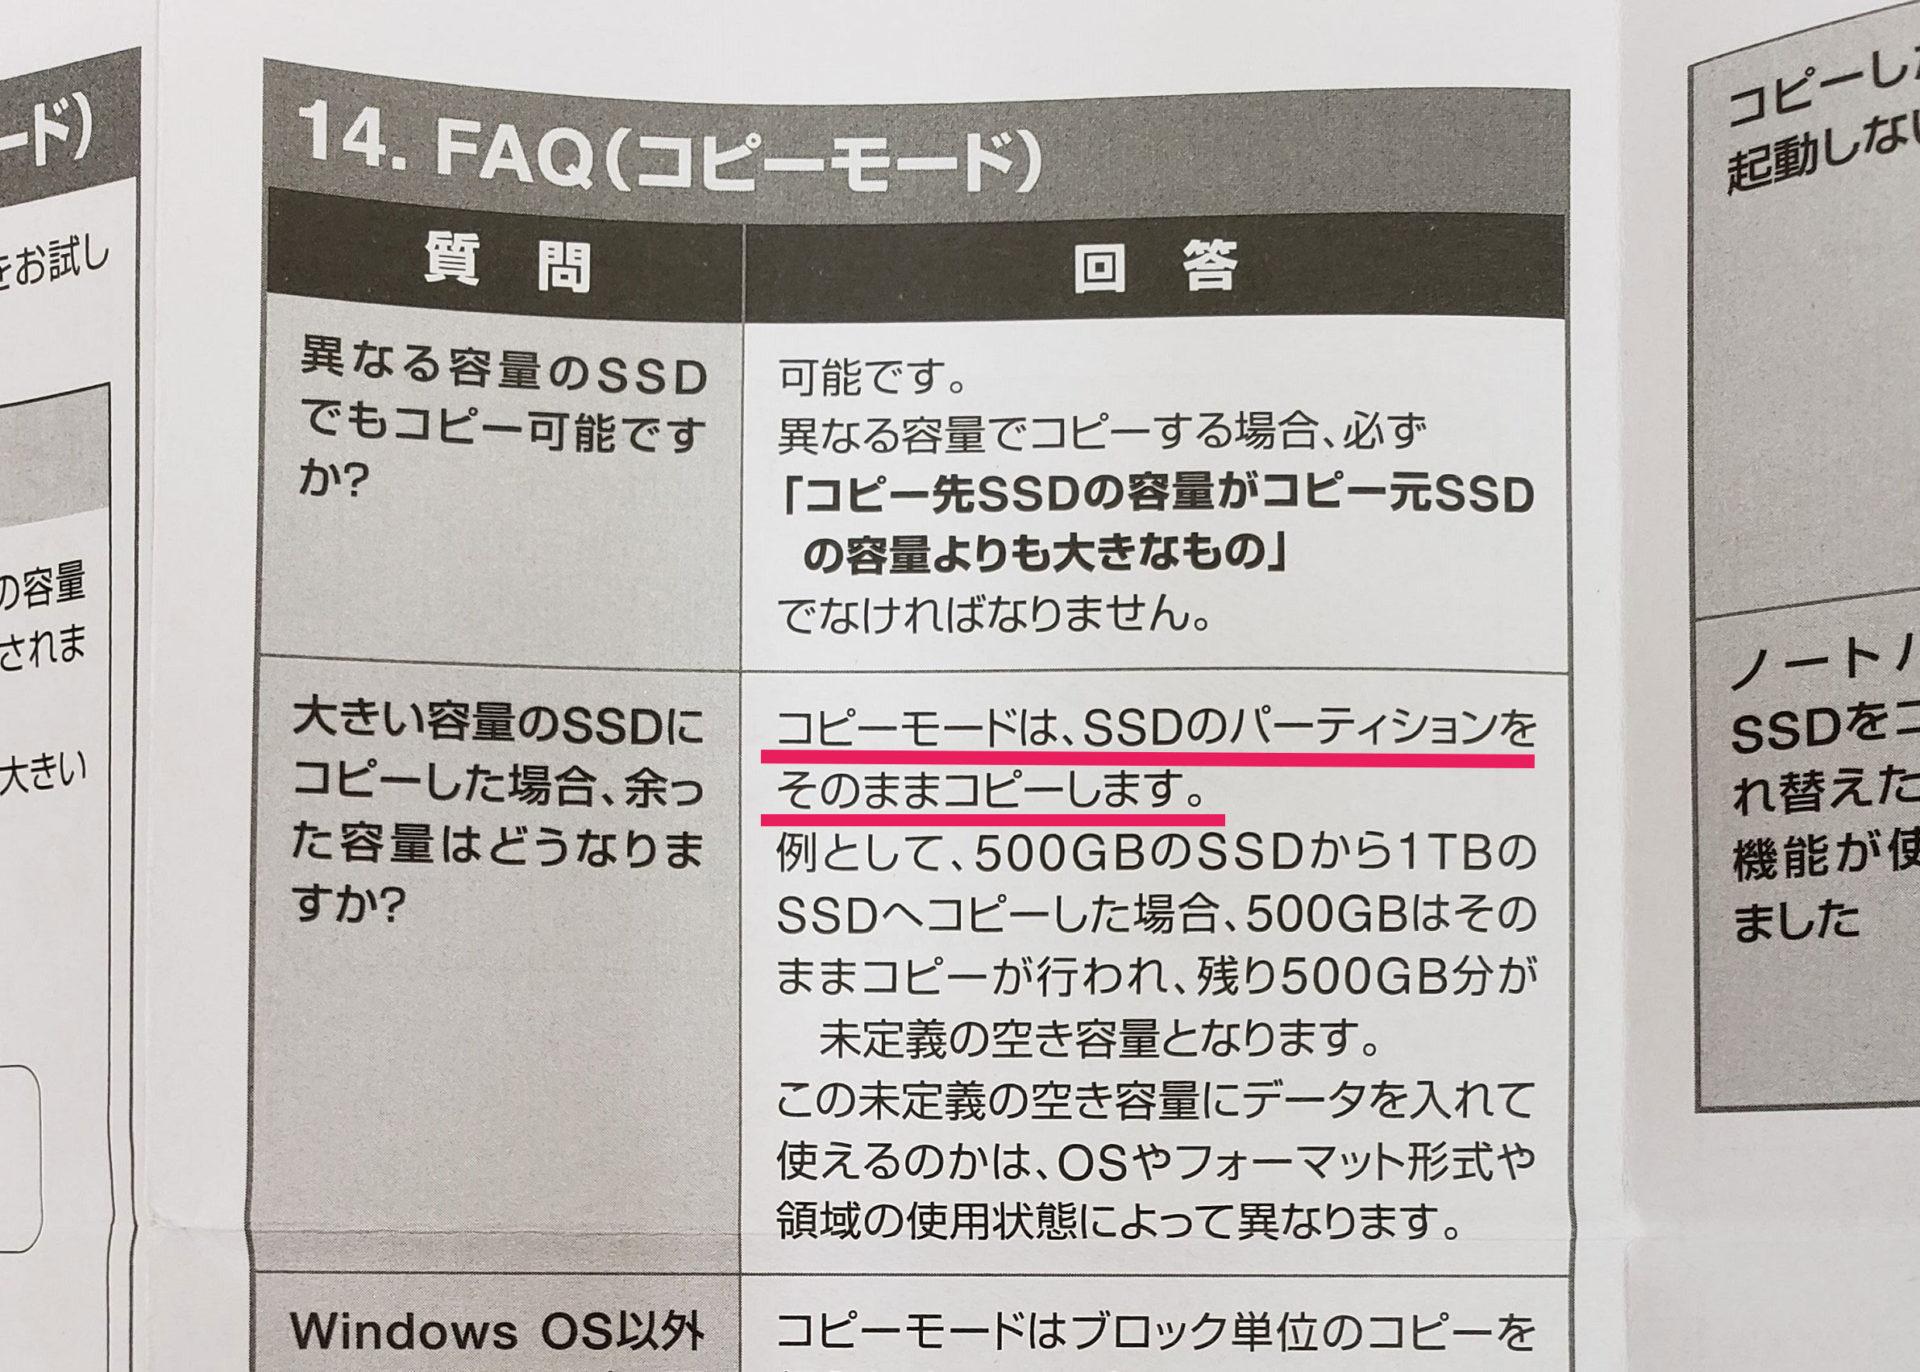 SSDクローン説明書